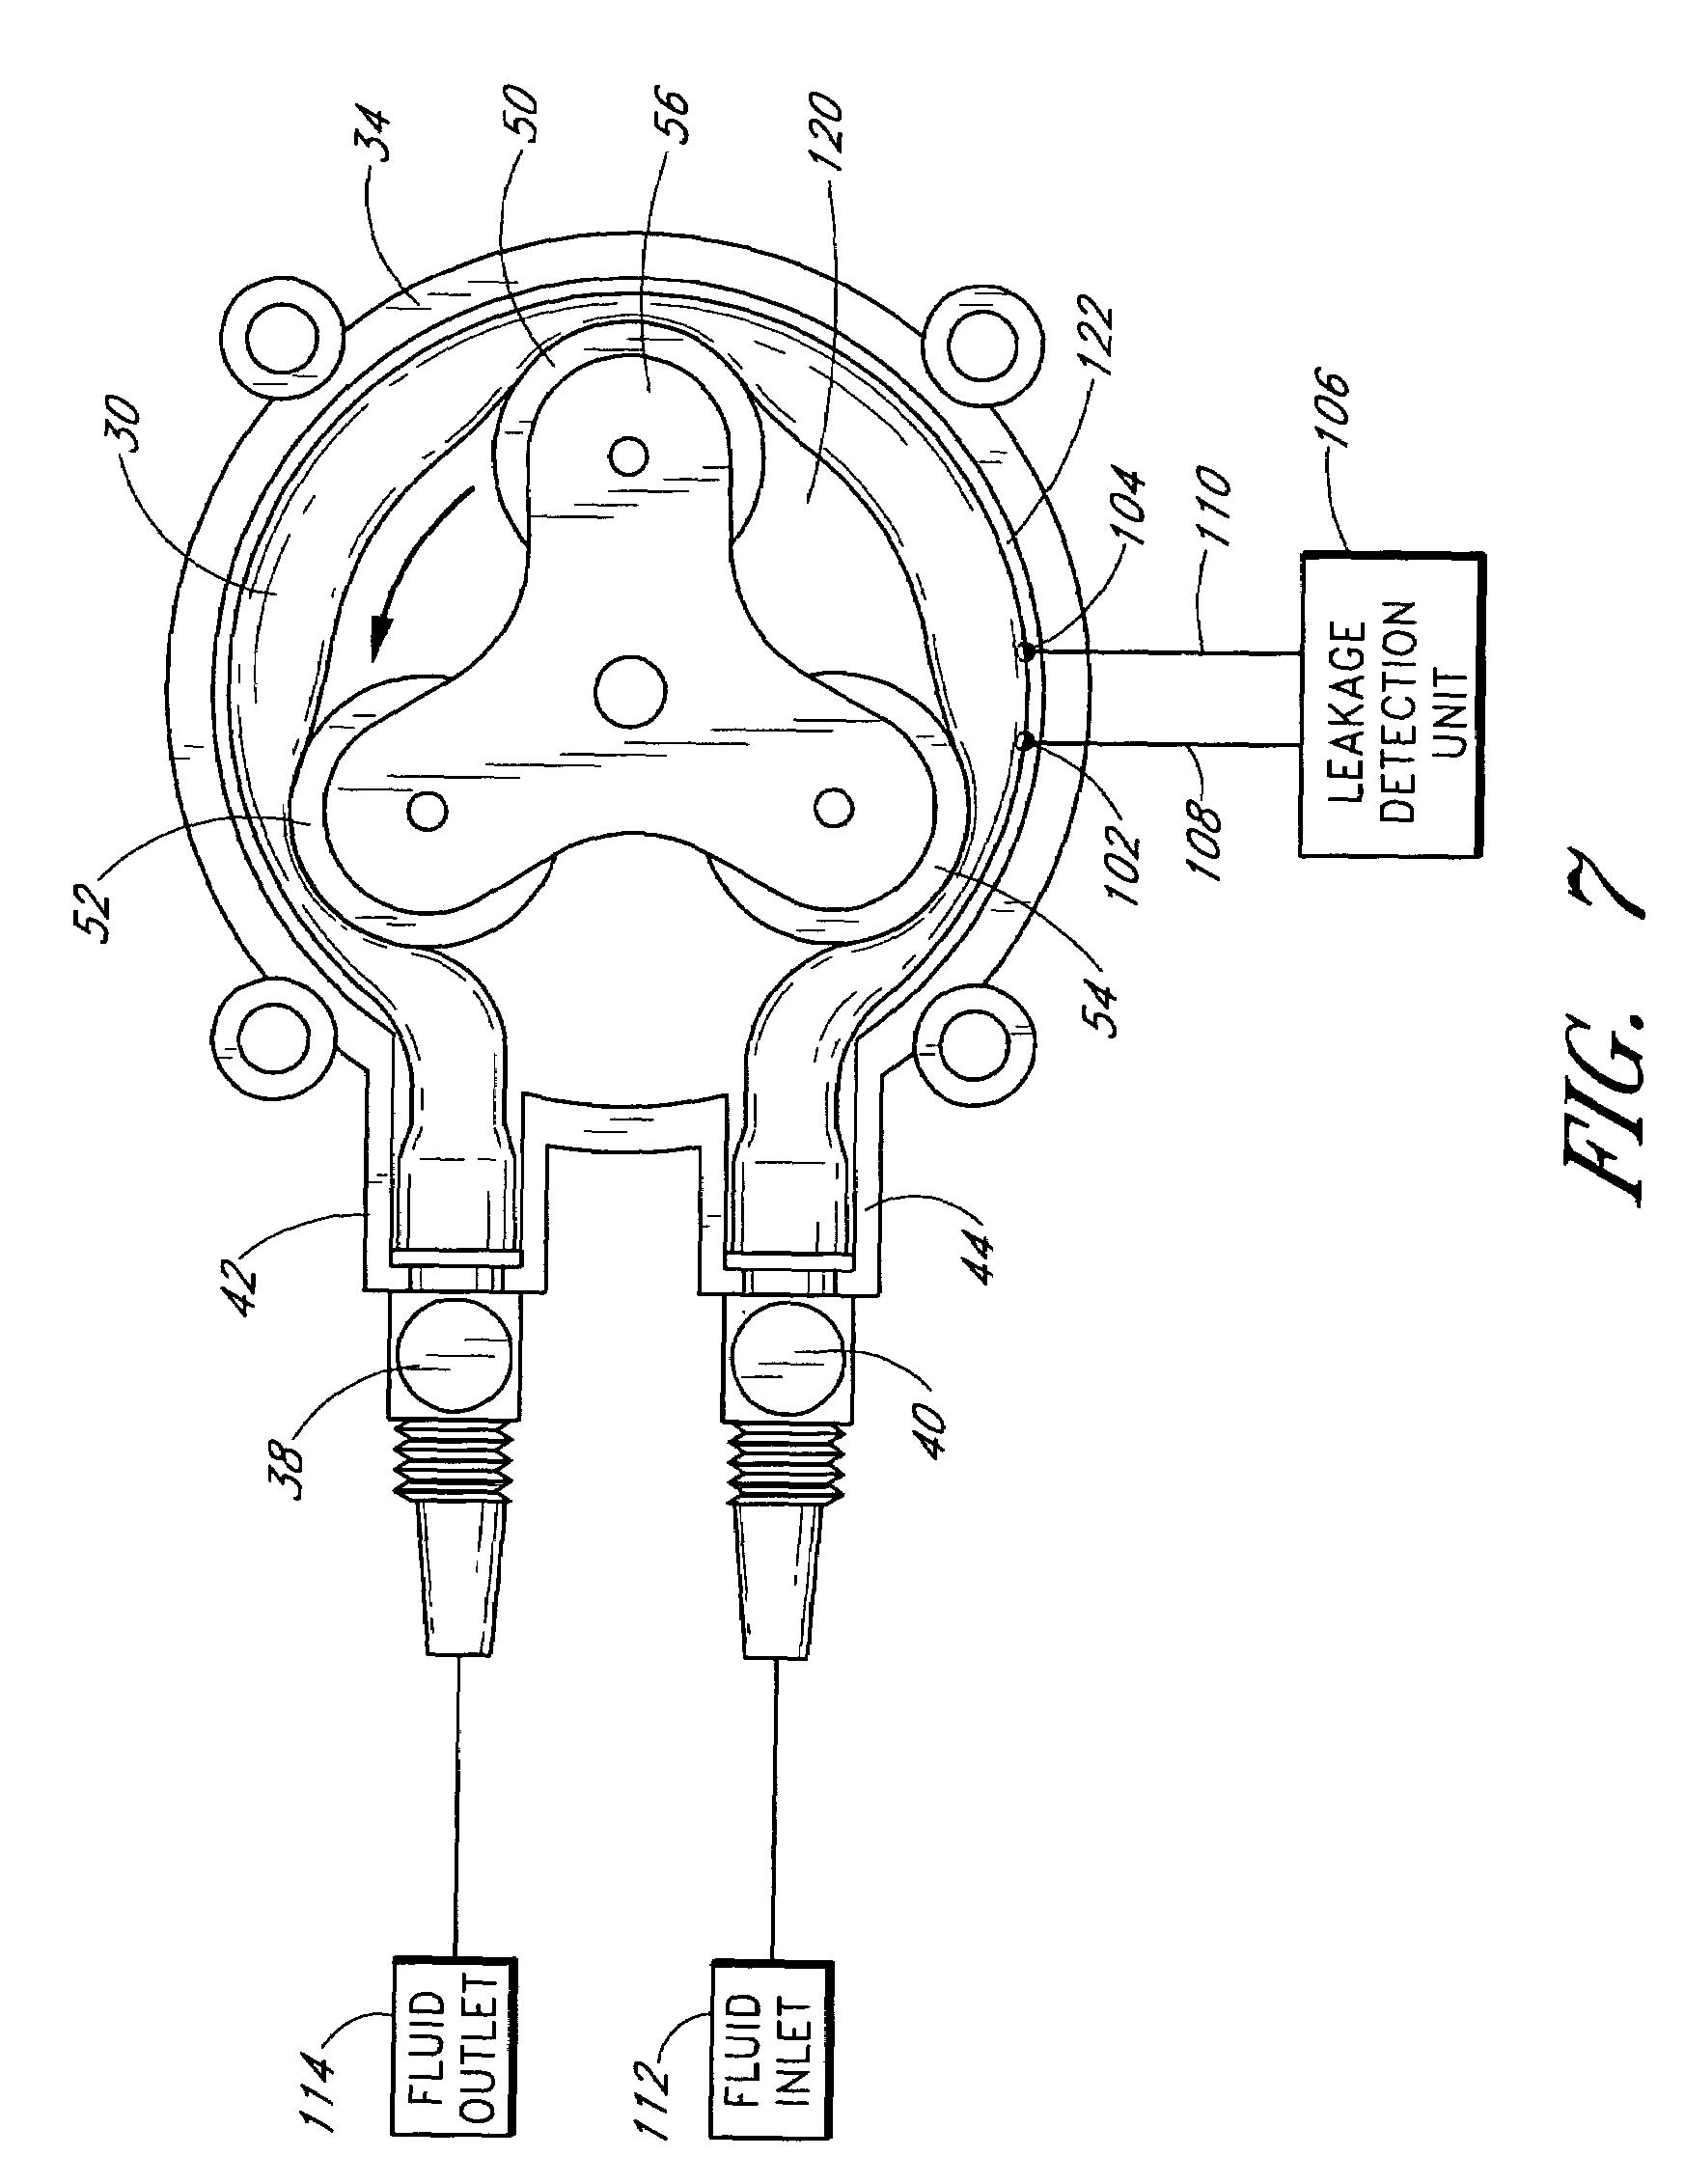 patent us7001153